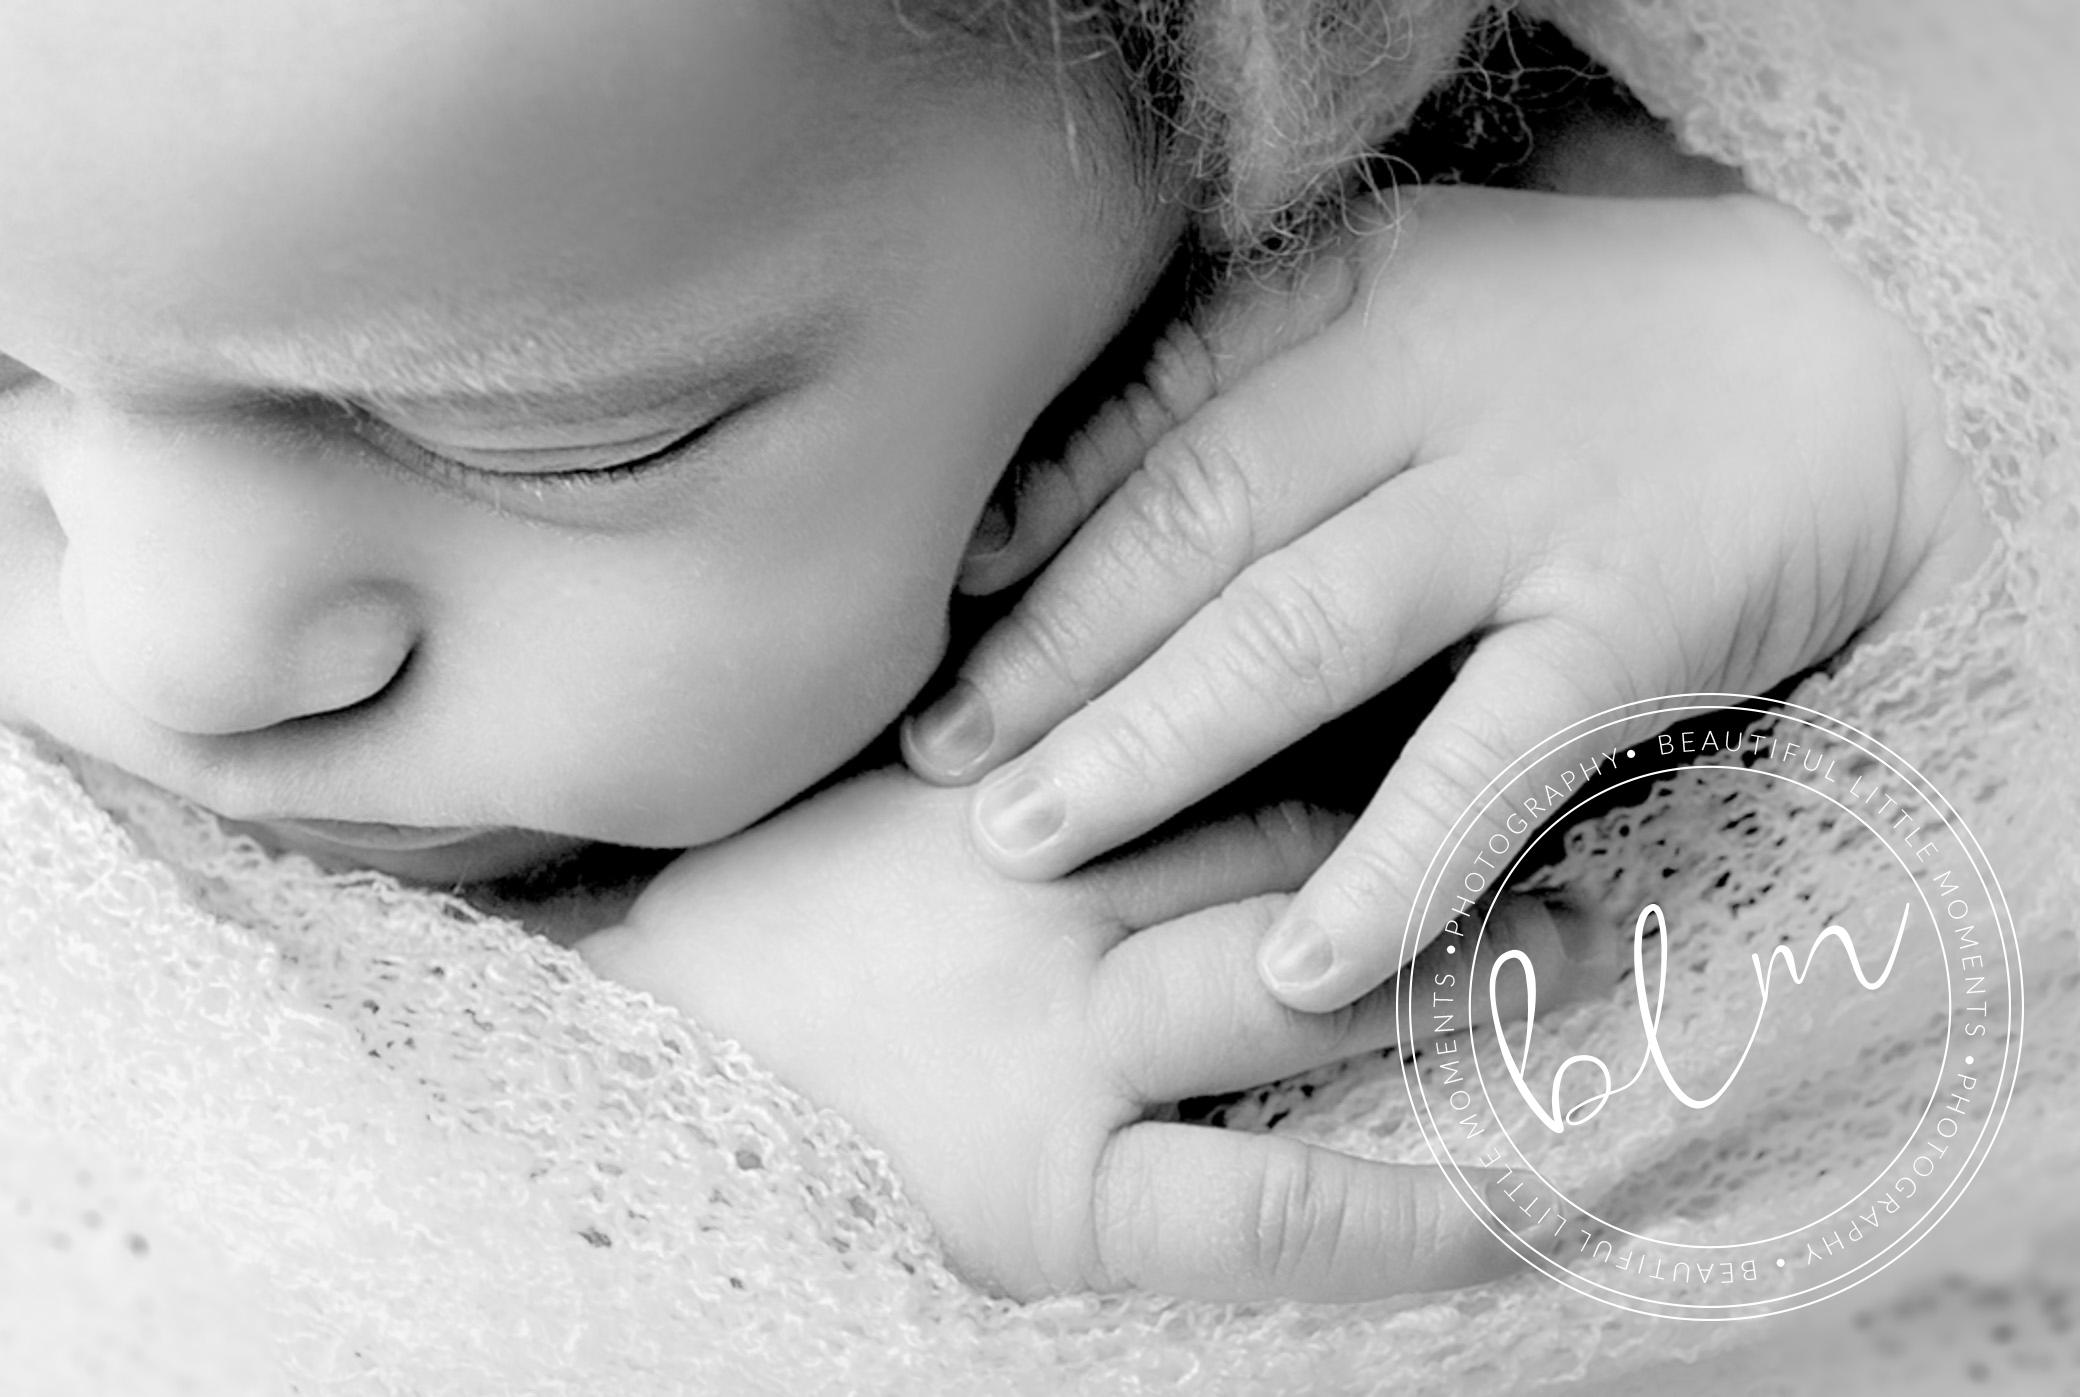 newborn baby girl detail photo hands